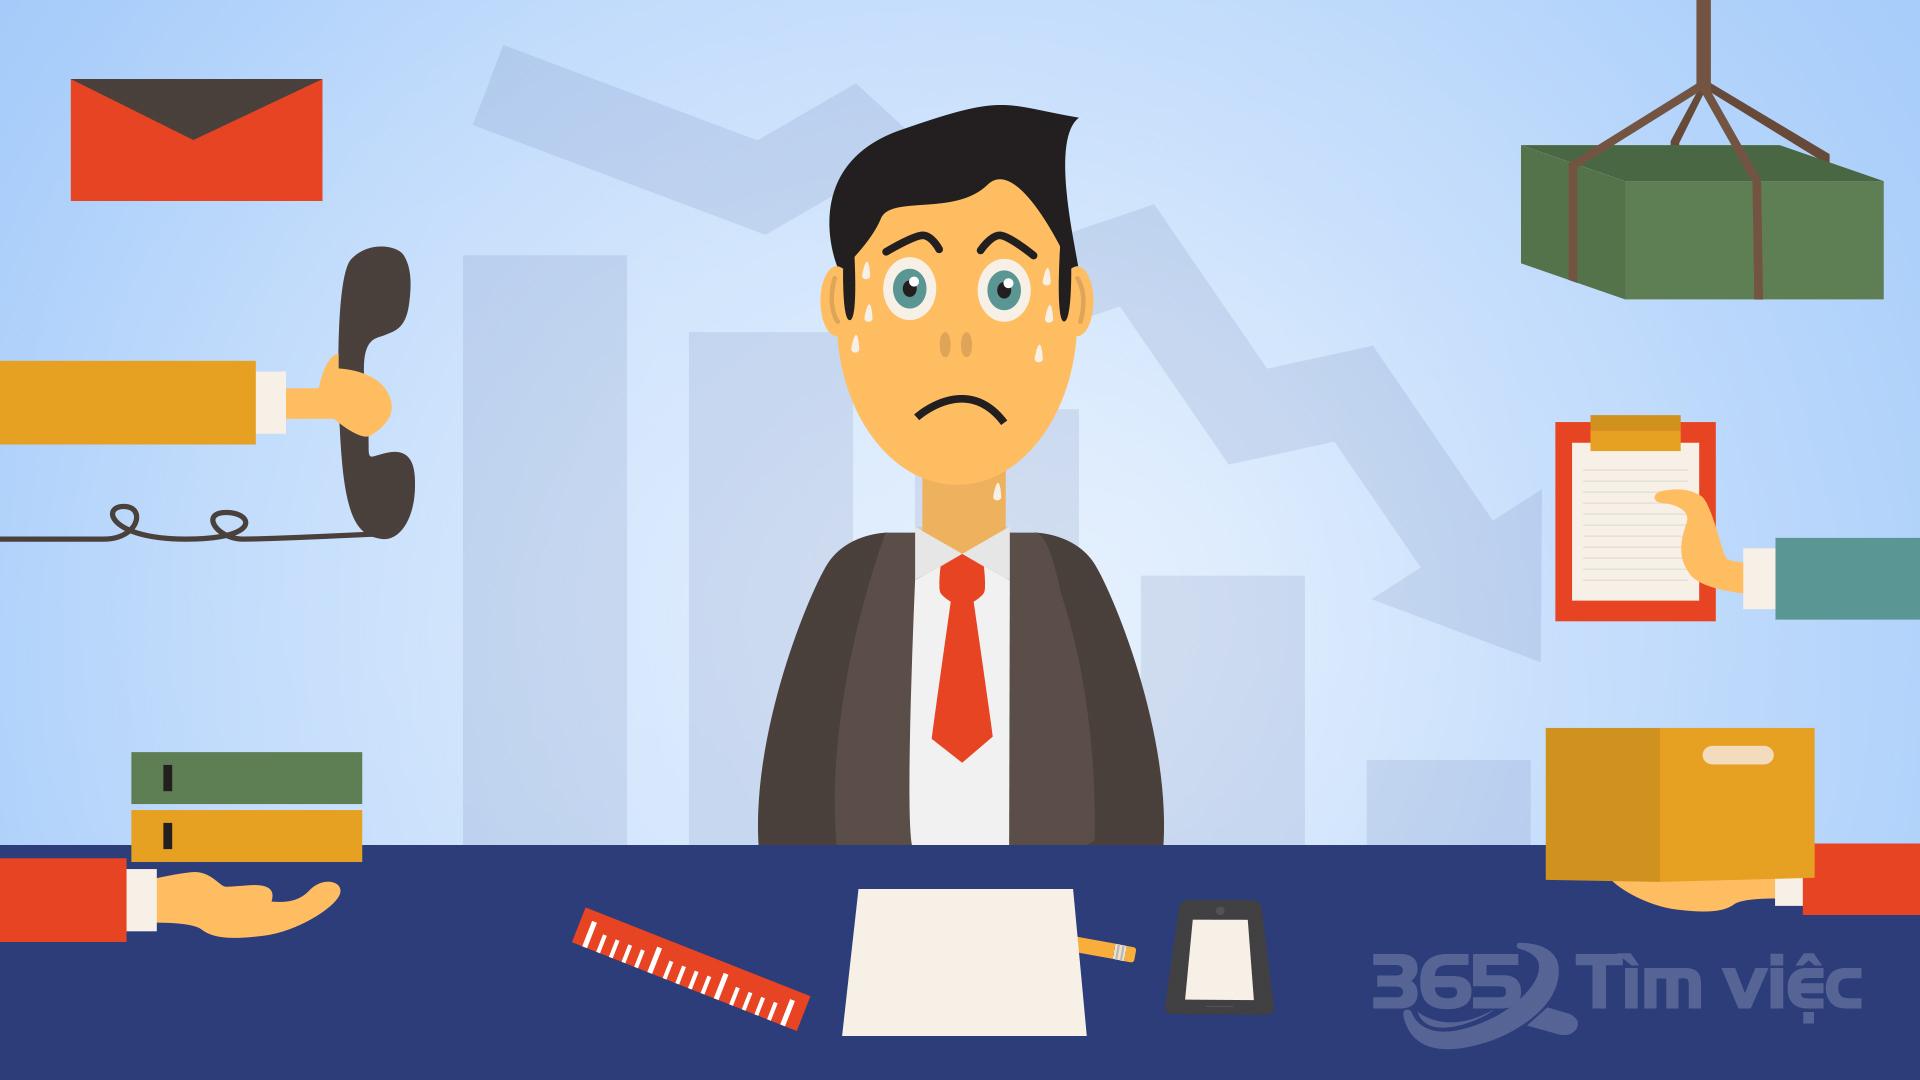 [Tìm hiểu] Đối phó với những thay đổi bất ngờ trong công việc như thế nào?